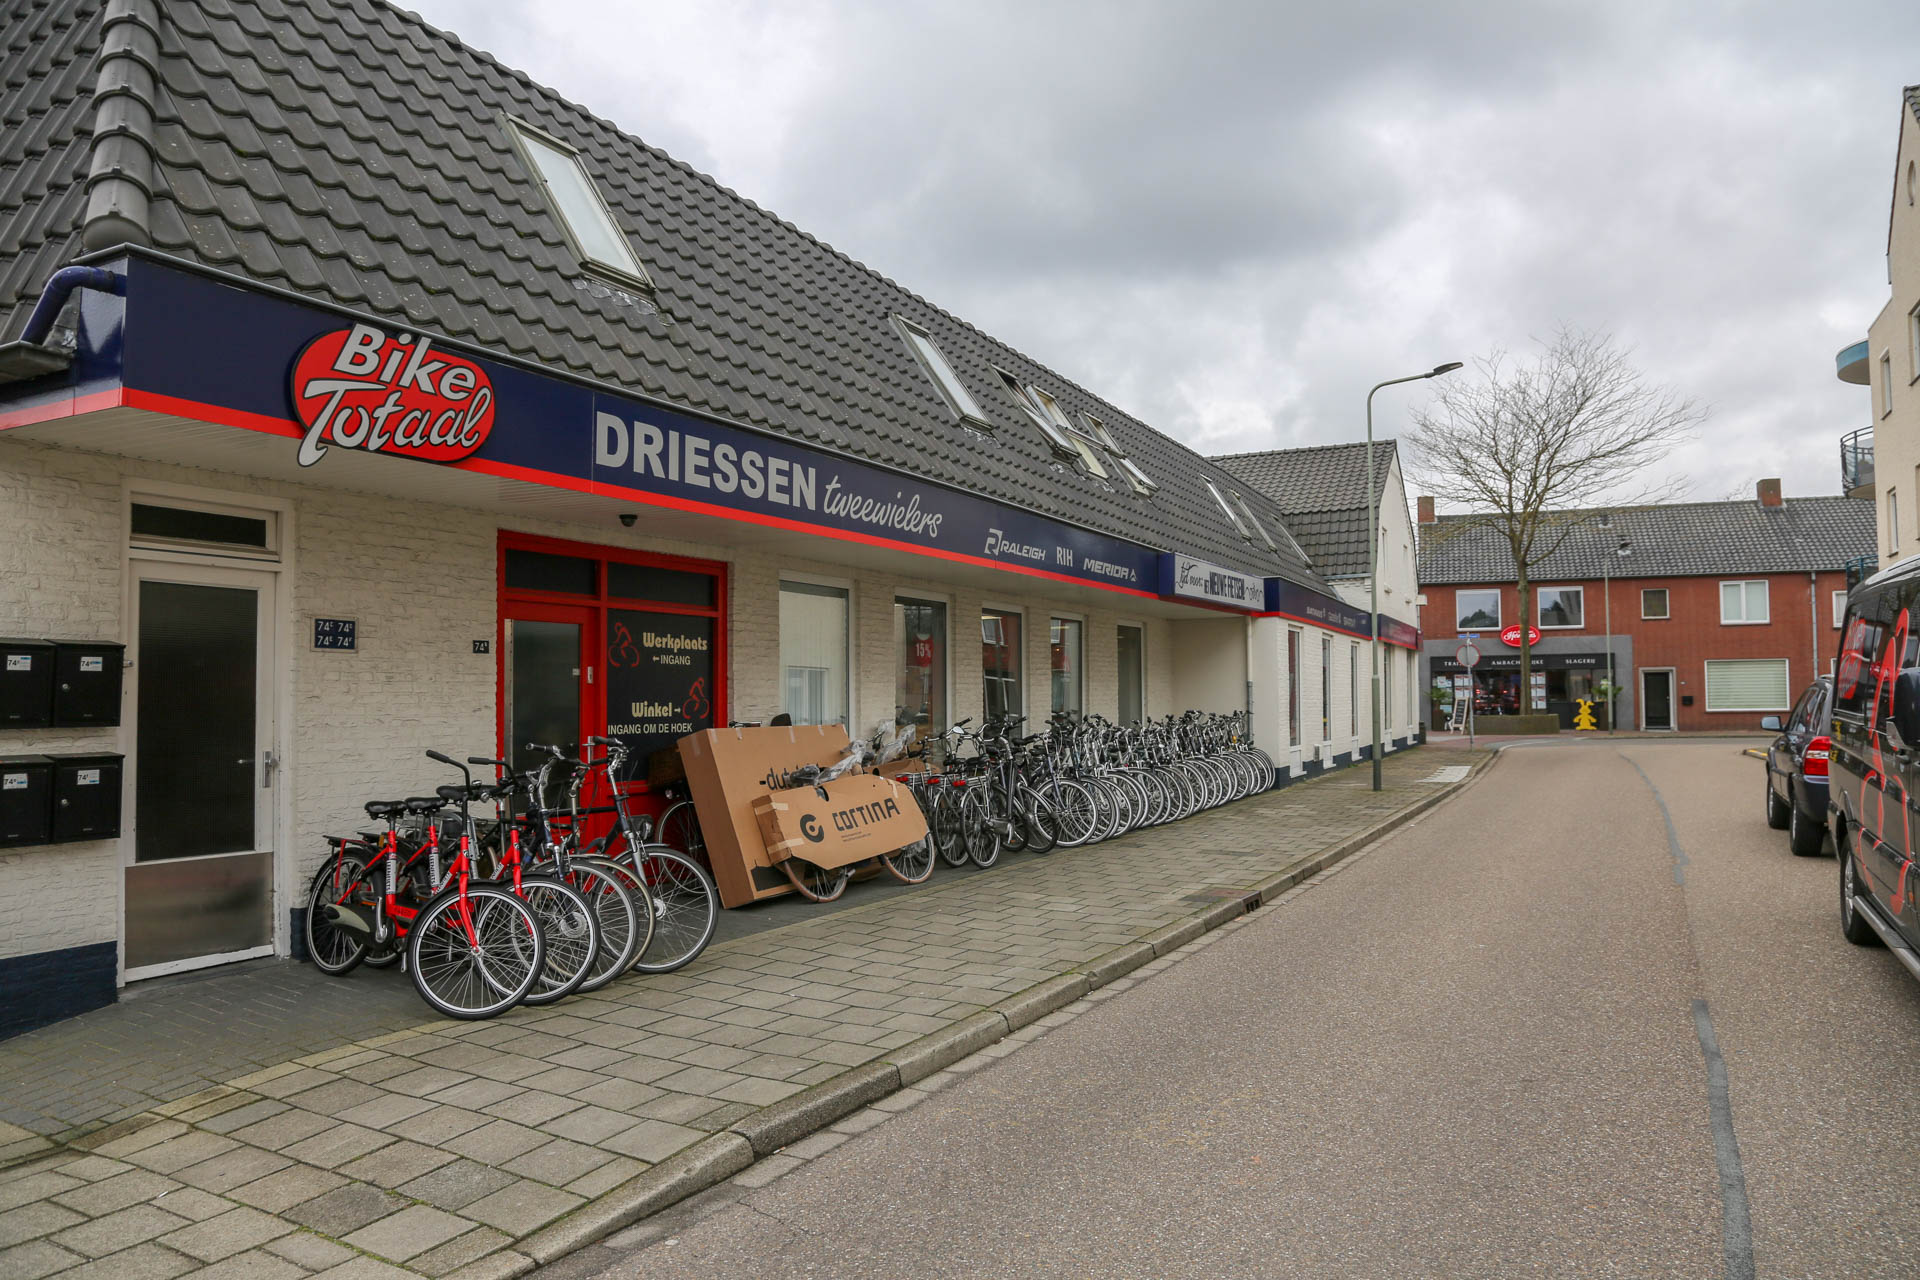 Driessen-tweewielers-Bike-Totaal-5